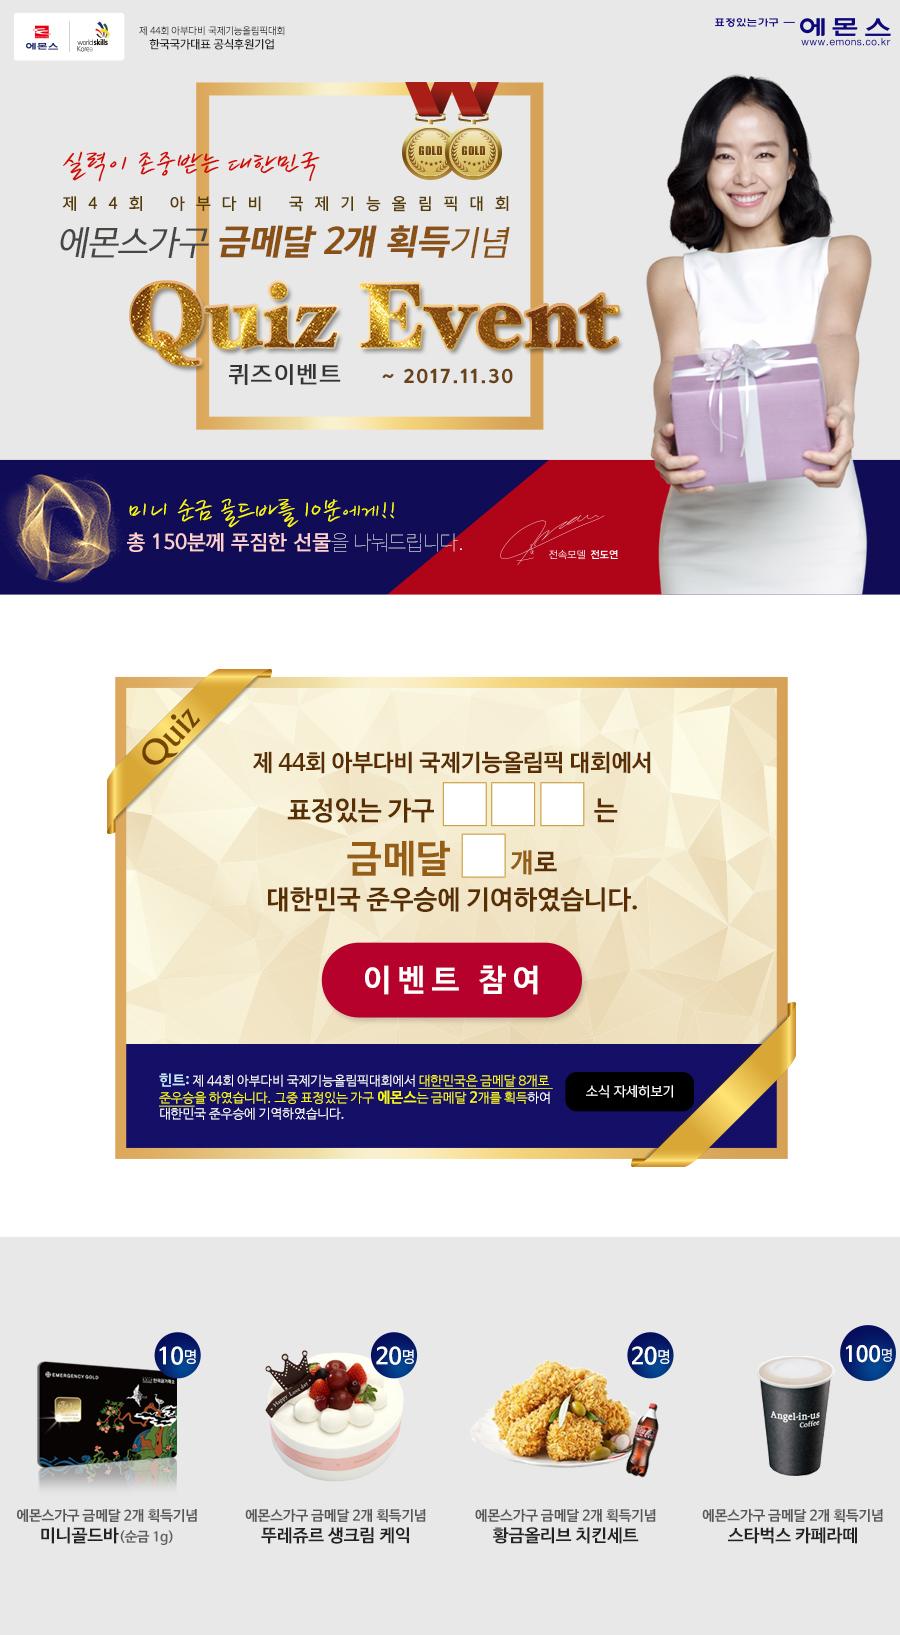 실력이 존중받는 대한민국 에몬스가구 금메달 2개 획득기념 퀴즈 이벤트